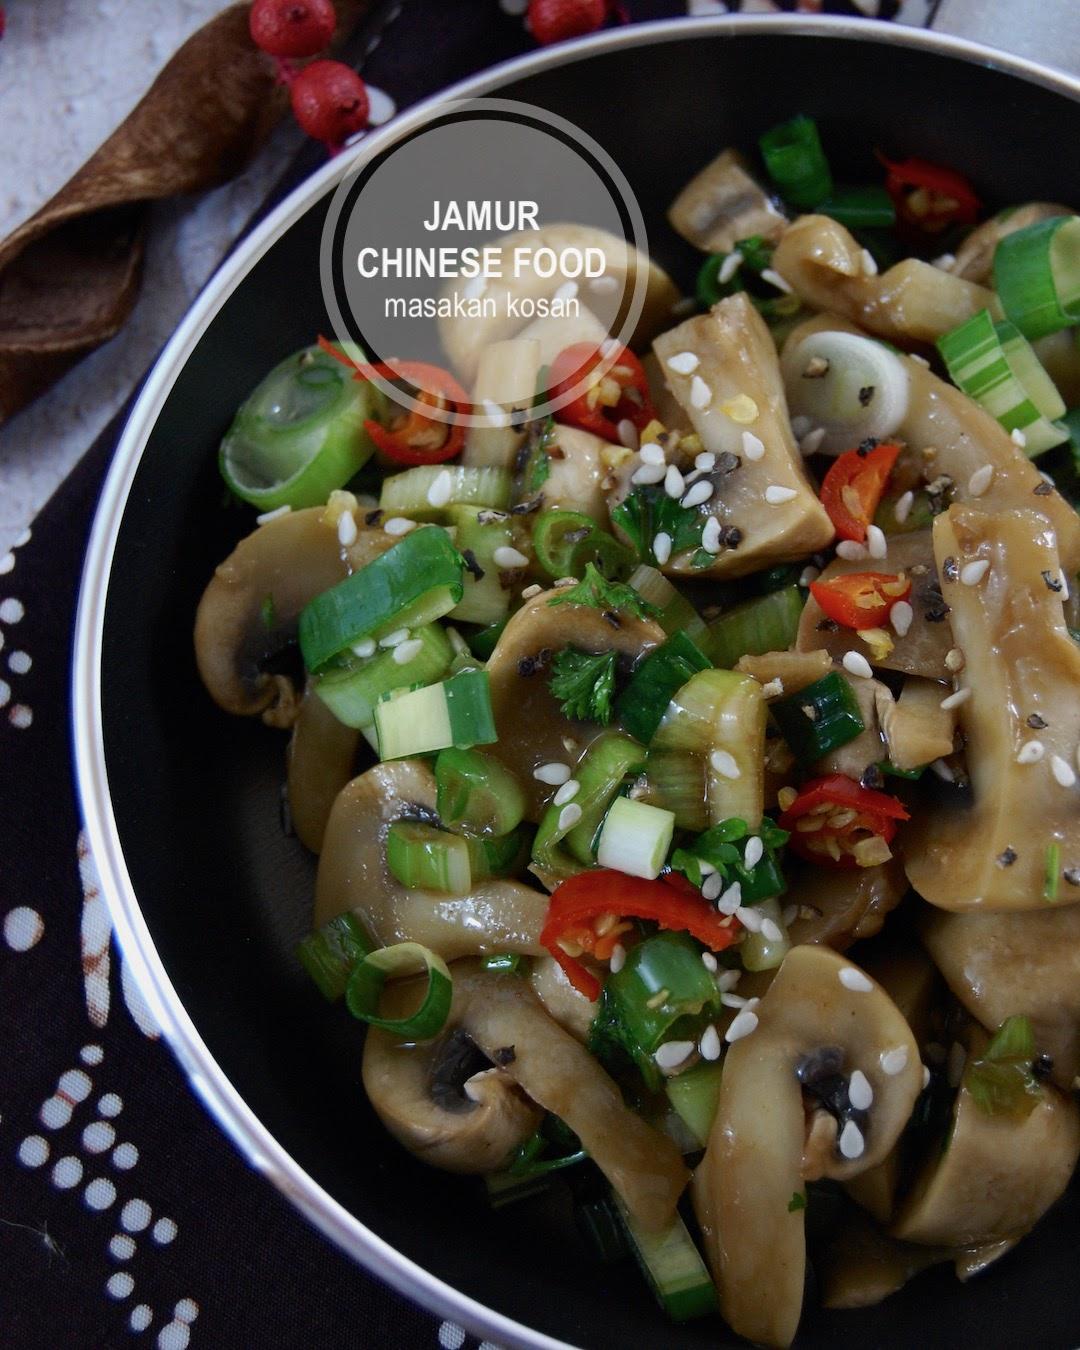 Resep Praktis Anak Kos: Oseng Jamur Chinese Food